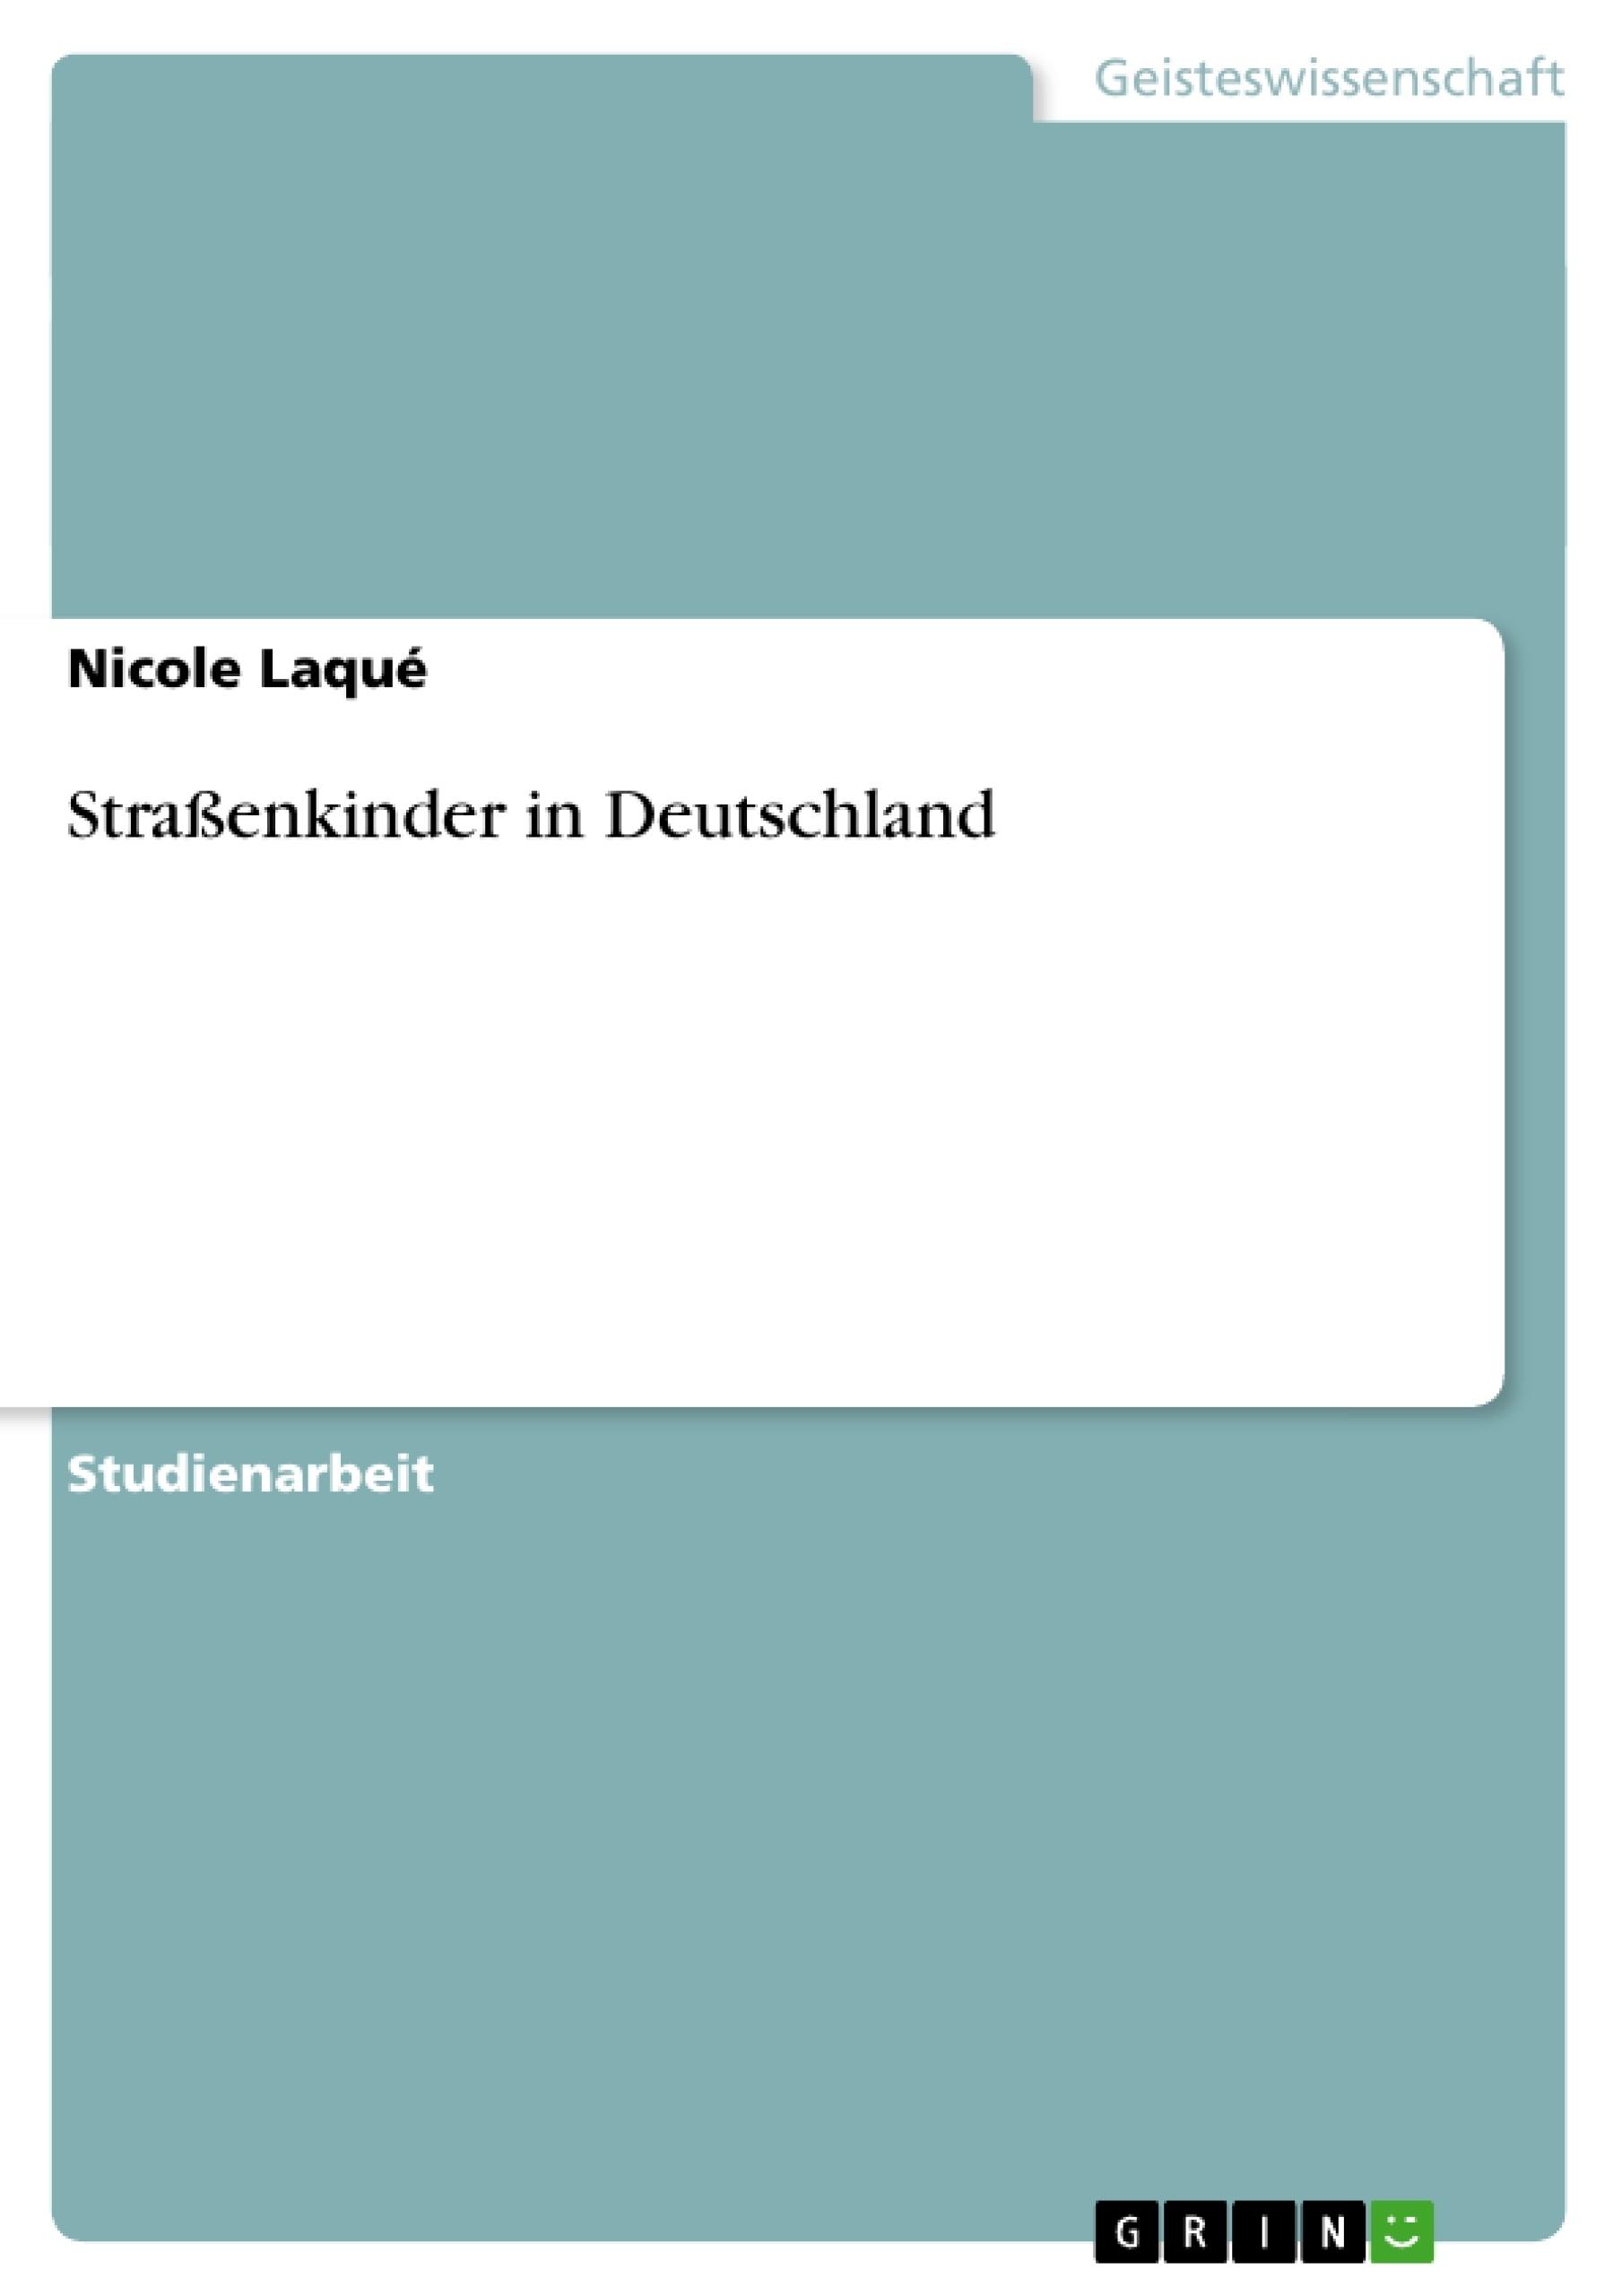 Titel: Straßenkinder in Deutschland